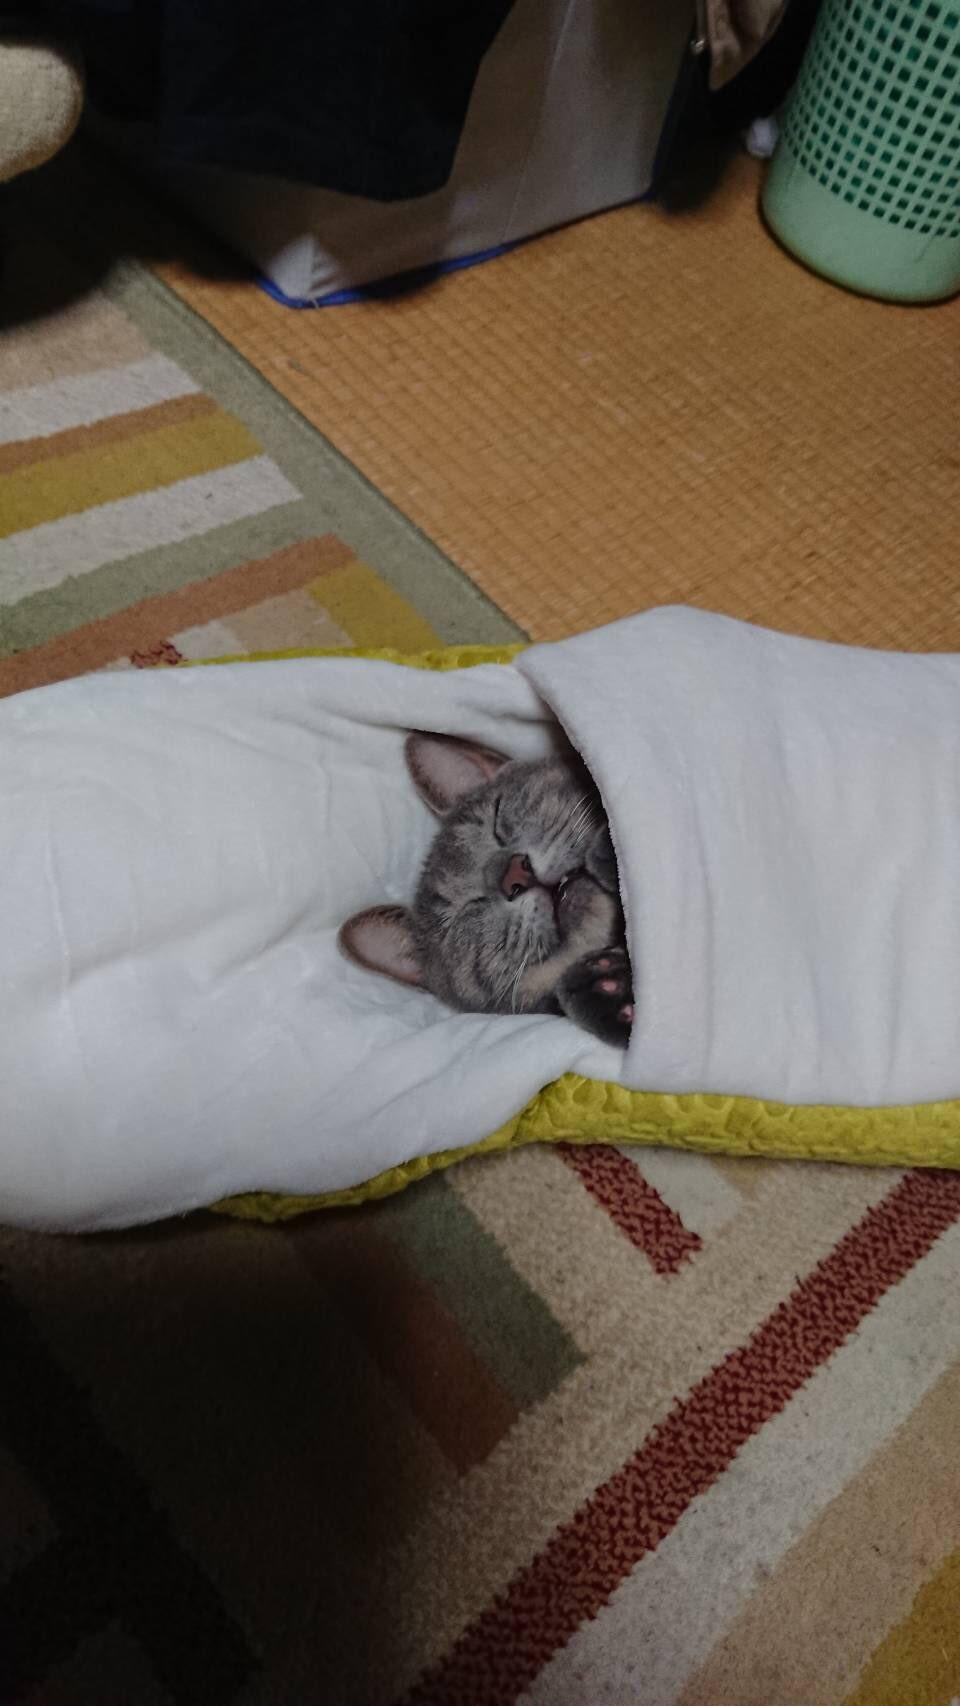 ▲▼ 貓被蛇吃。(圖/翻攝自推特/@takeda_ma)